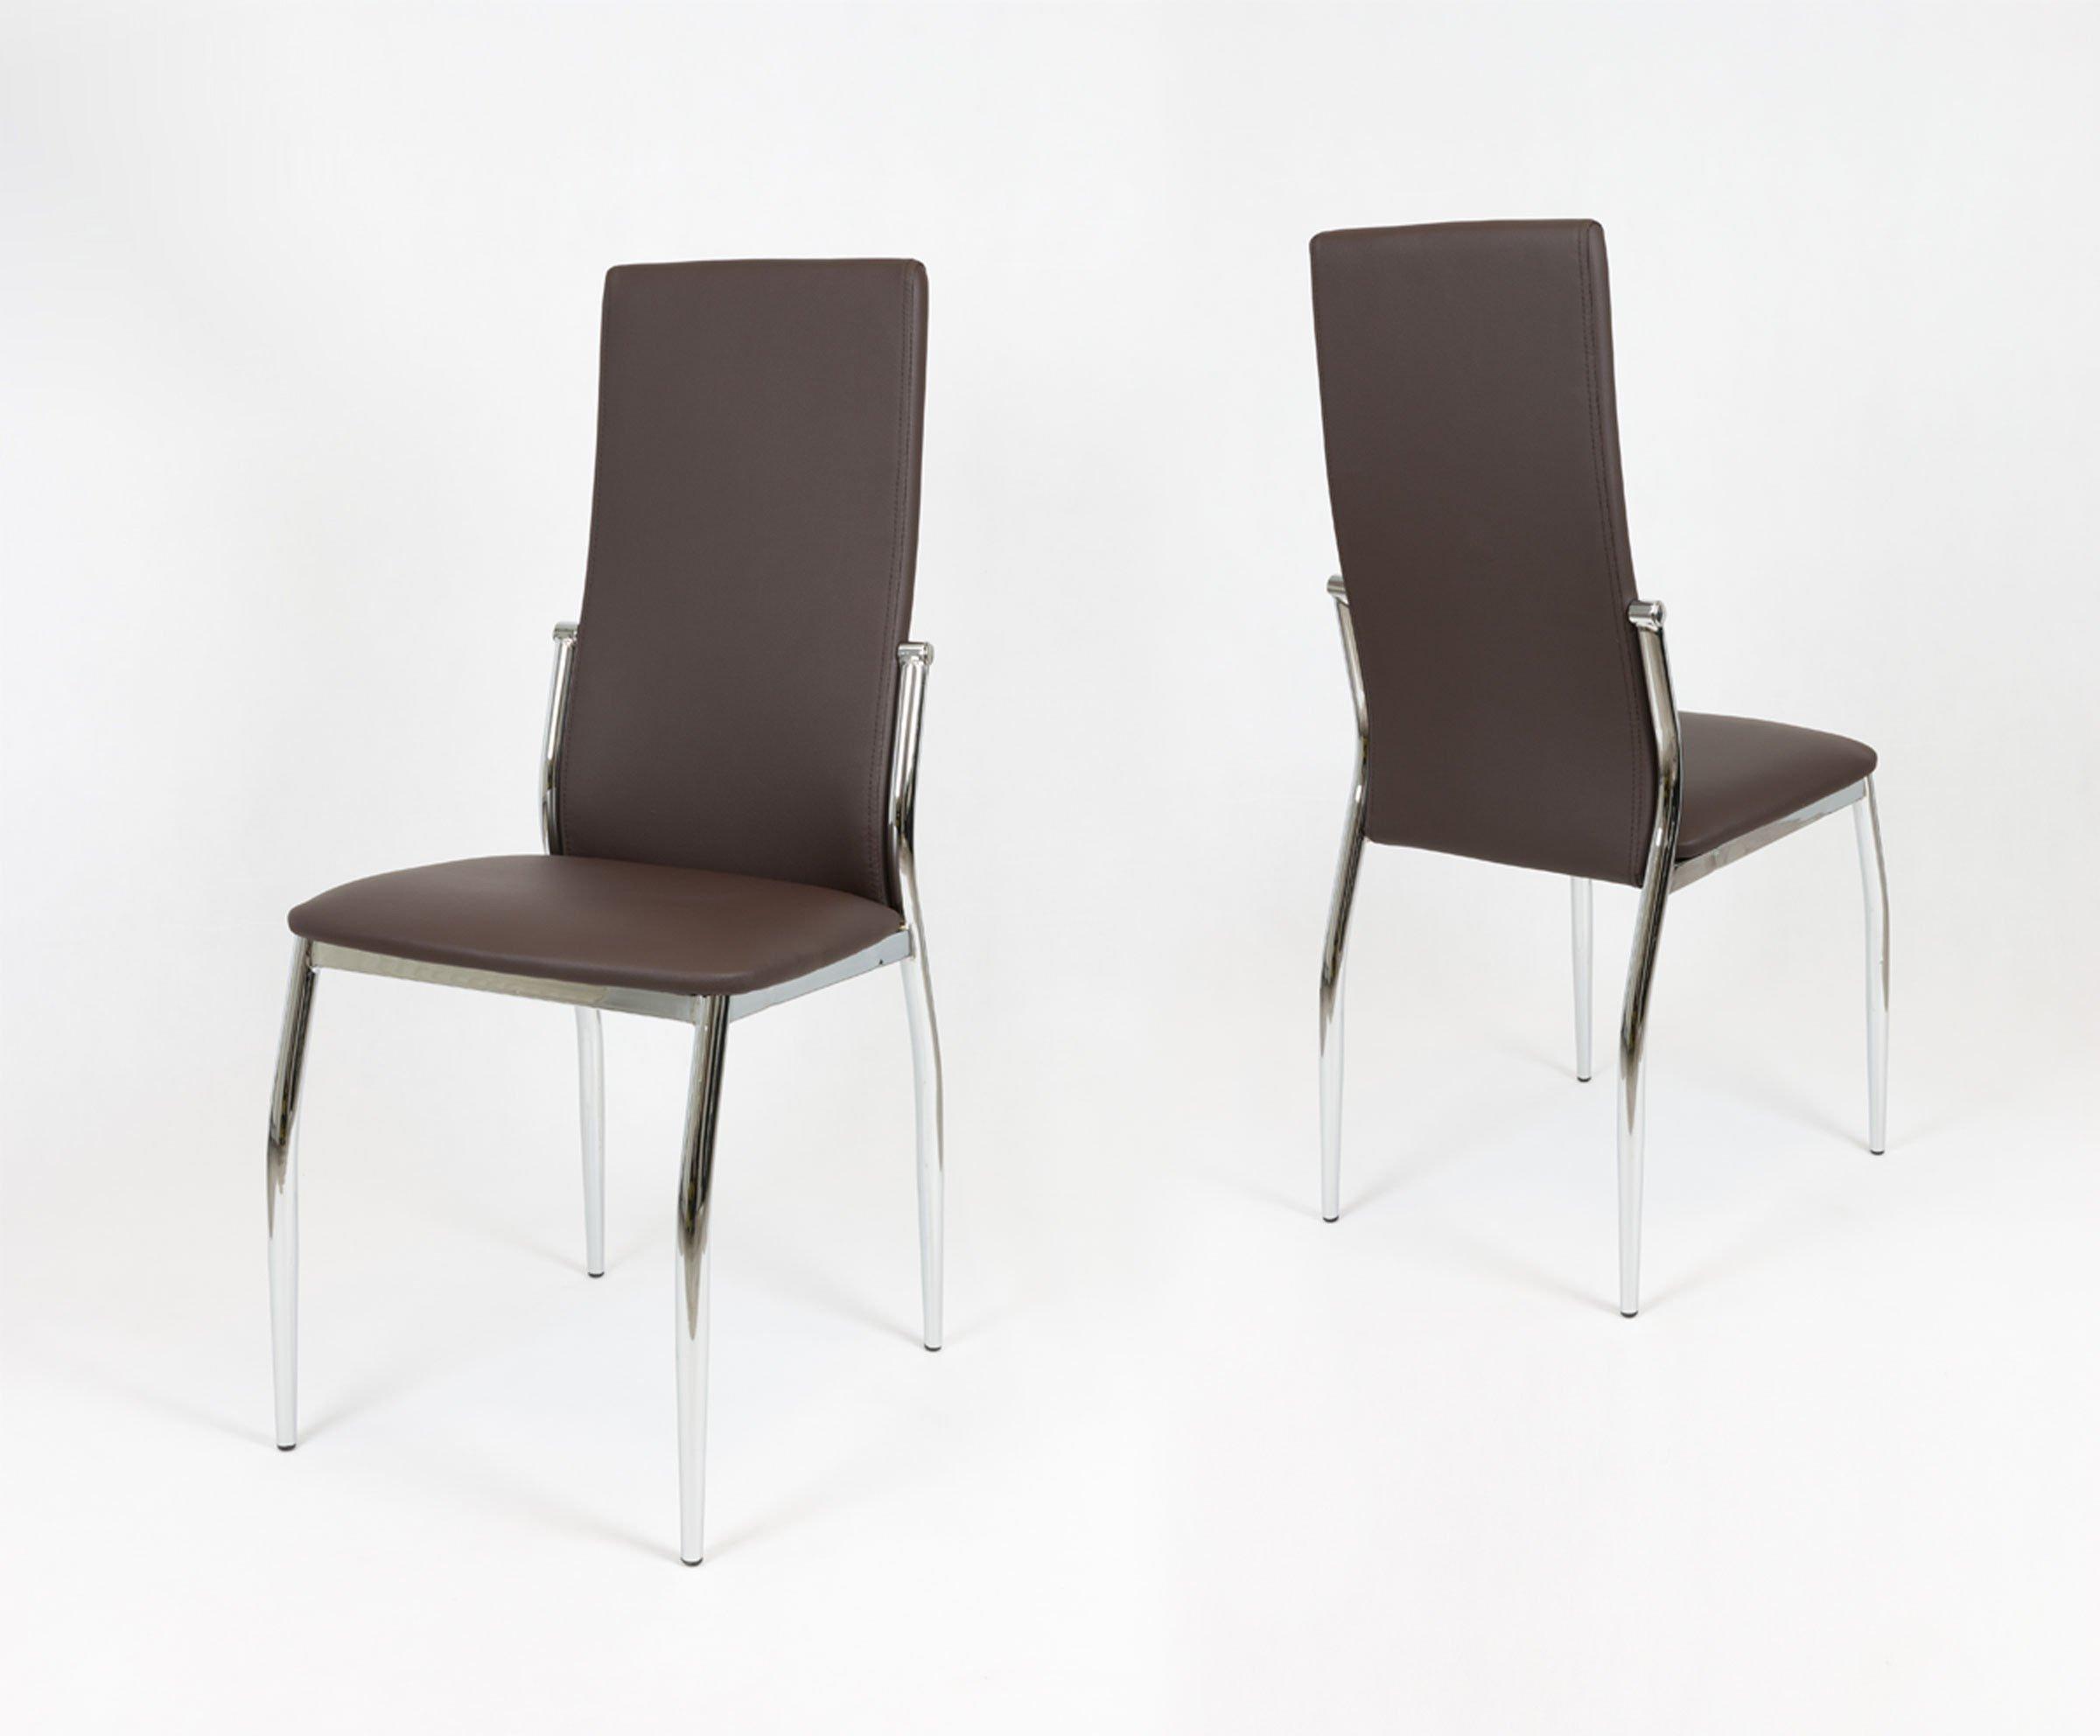 Sk Design Ks004 Braun Grau Kunsleder Stuhl Mit Chromgestell